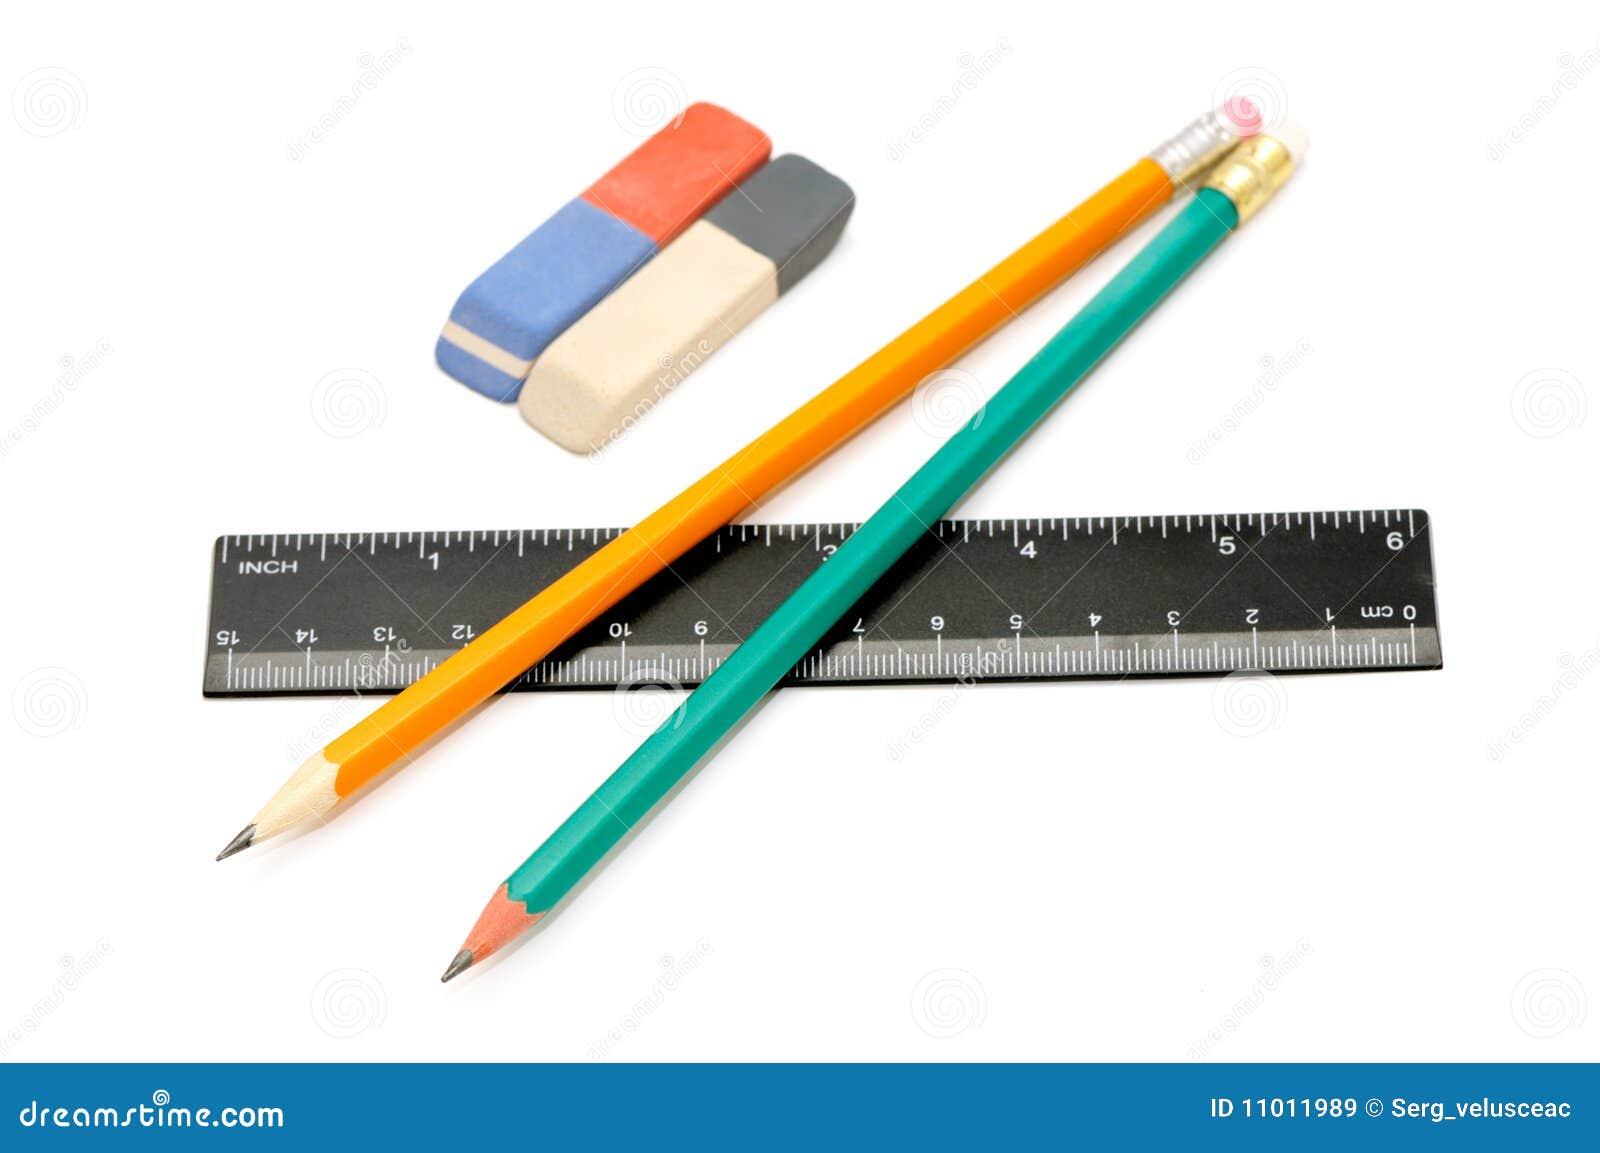 Pencils, eraser and ruler